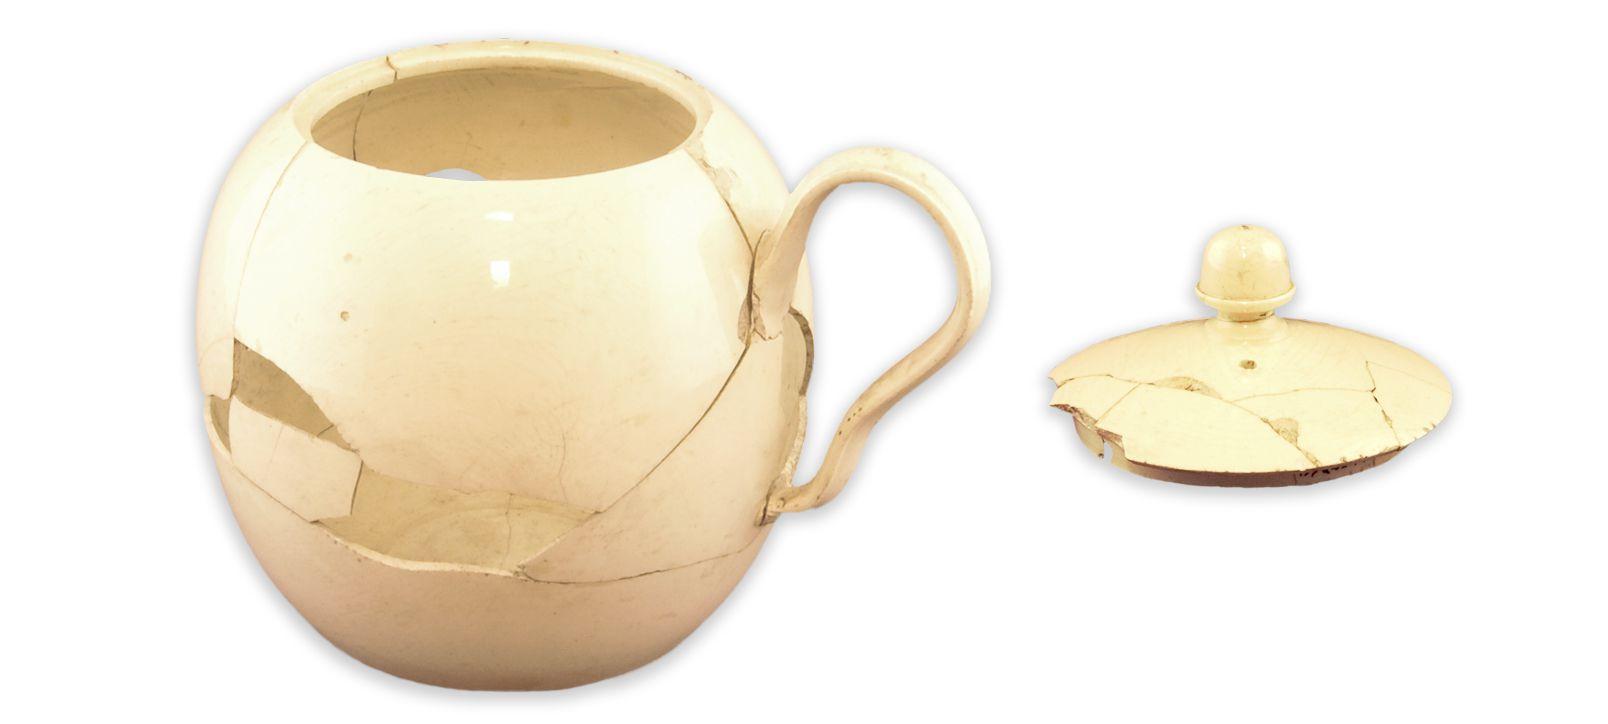 Théière et son couvercleMCC/LRAQ, photos: Aurélie DesgensLatrines de la maison Boisseau. Vers  1761-1810Terre cuite de type creamware, Angleterre. Dès 1760, dans la nouvelle colonie britannique, on consomme davantage du thé de Chine importé d'Angleterre. Entre 1760 et 1791, il représente  à lui seul 1,5 % des importations coloniales.